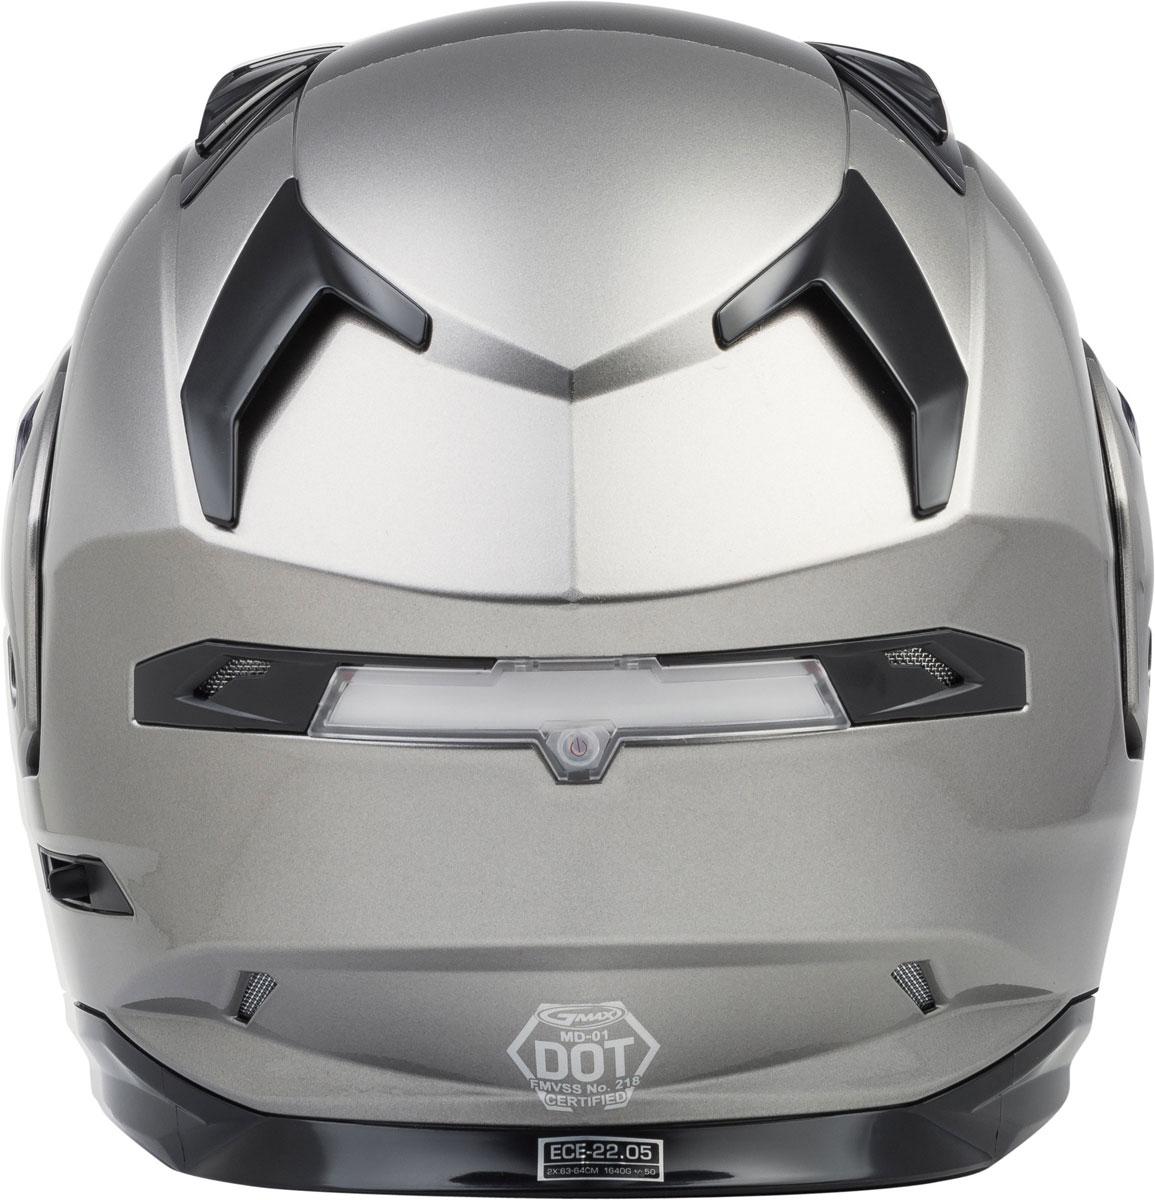 Motorcycle Half Helmet With Flip Down Visor